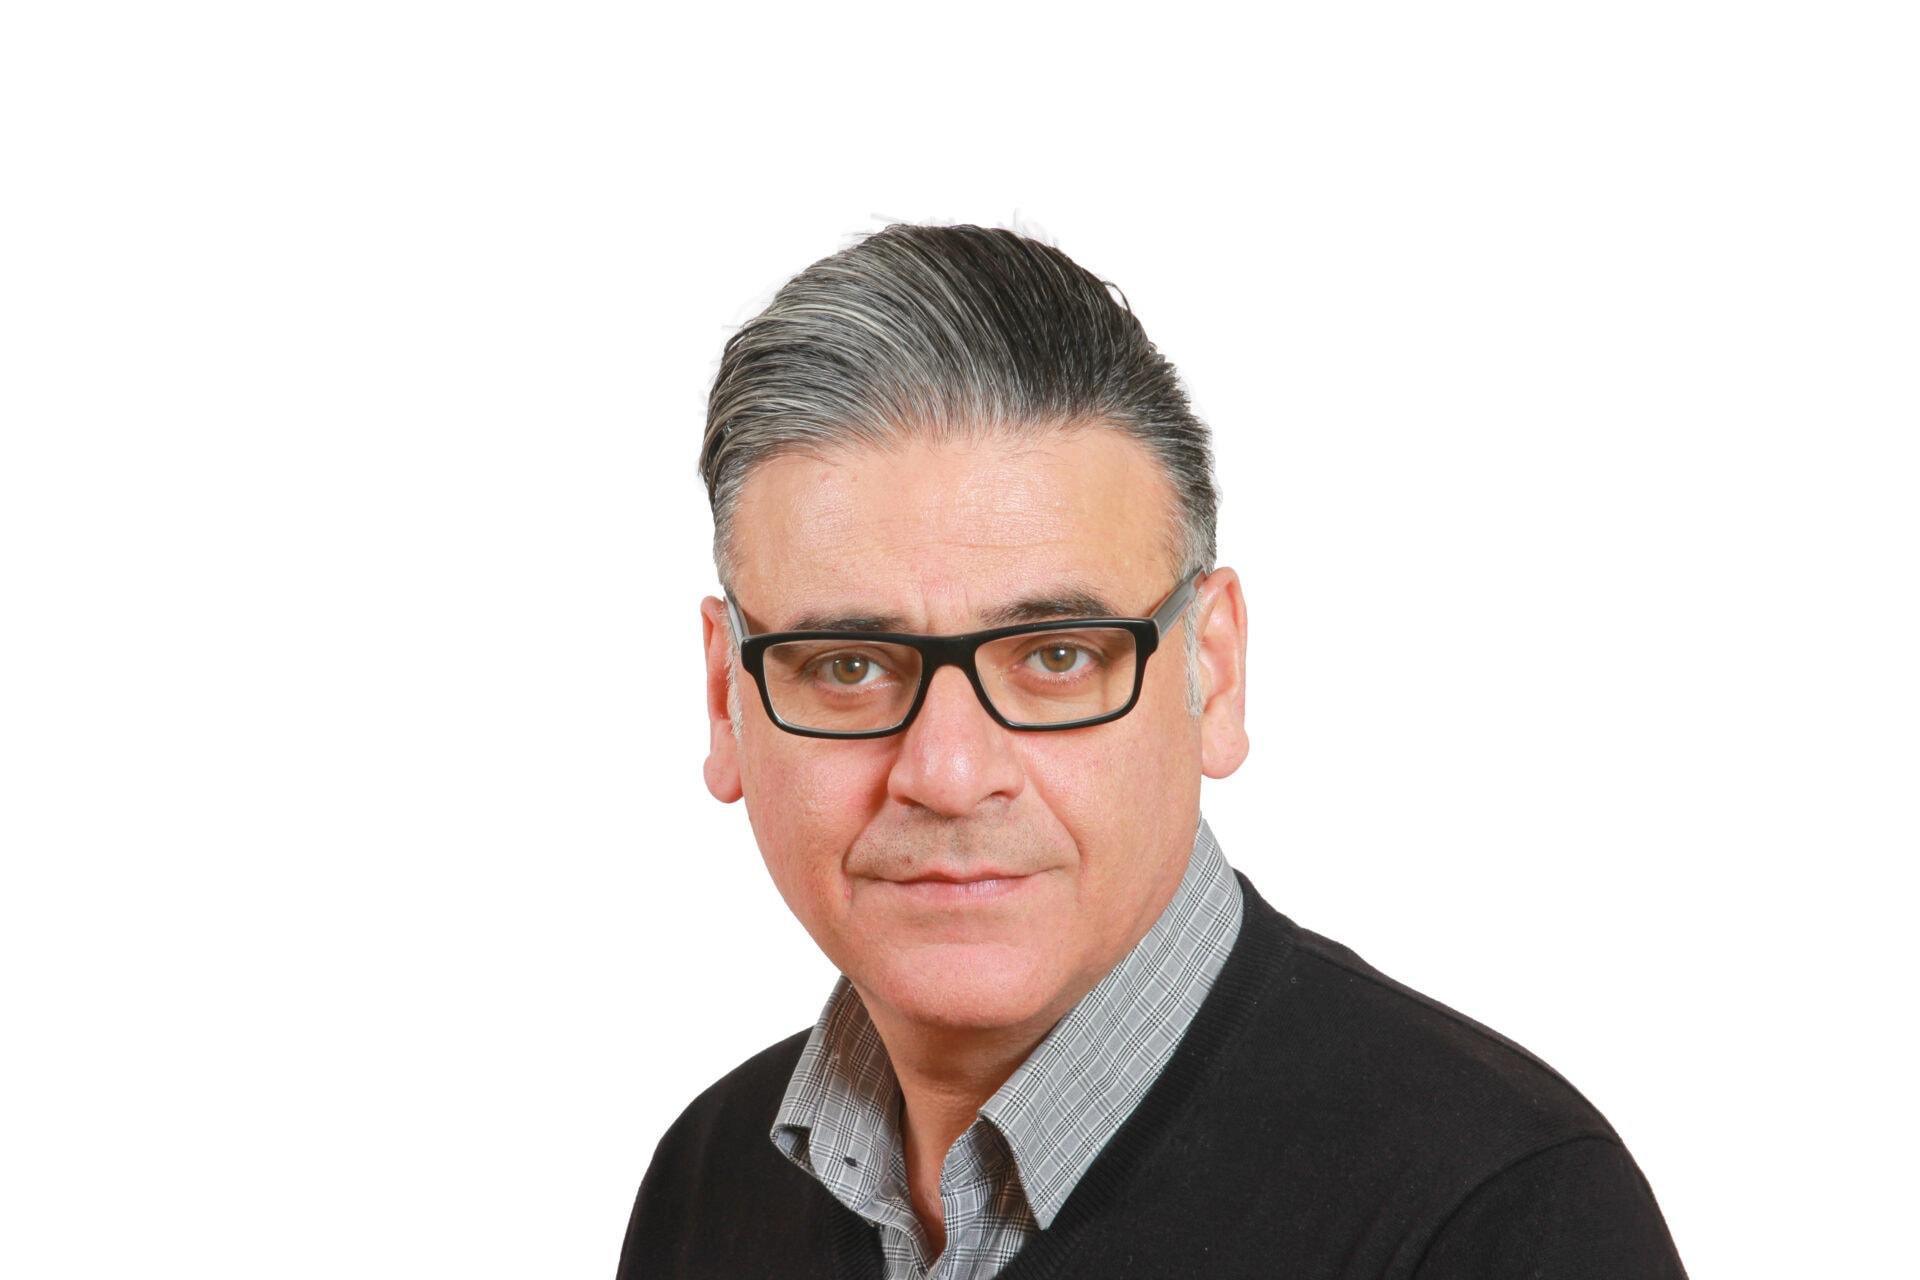 Hisham Zoabi